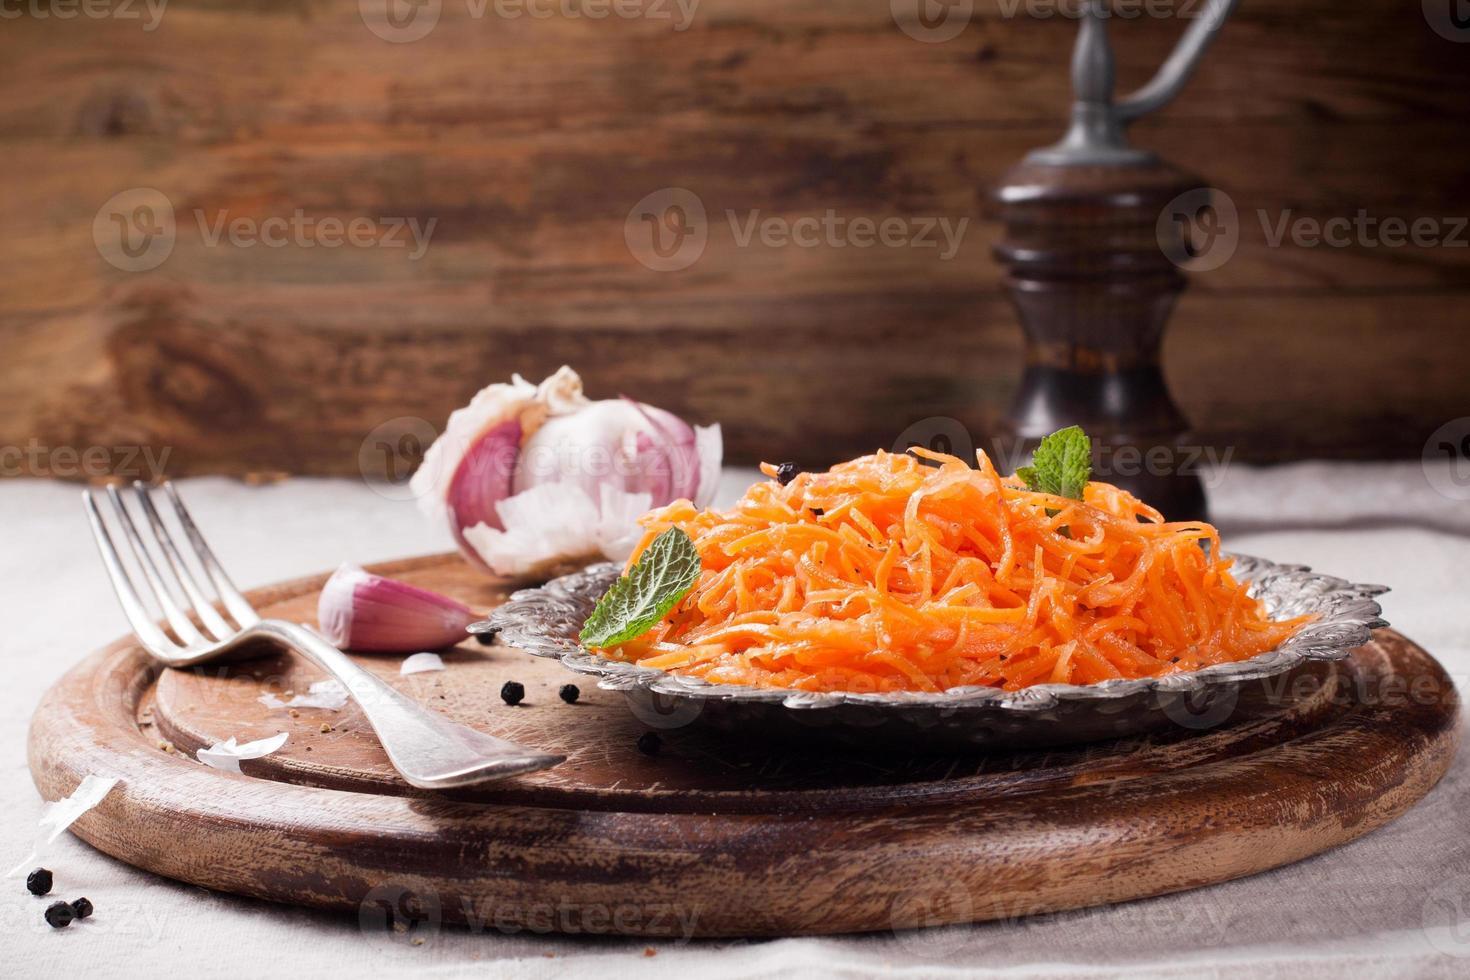 insalata di carote piccante stile coreano su piastra metallica foto